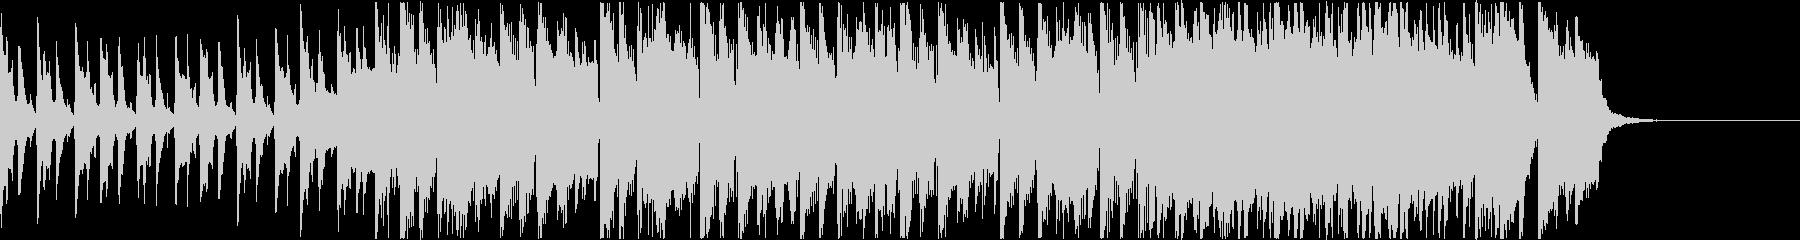 ほのぼのしたアコースティックBGMの未再生の波形